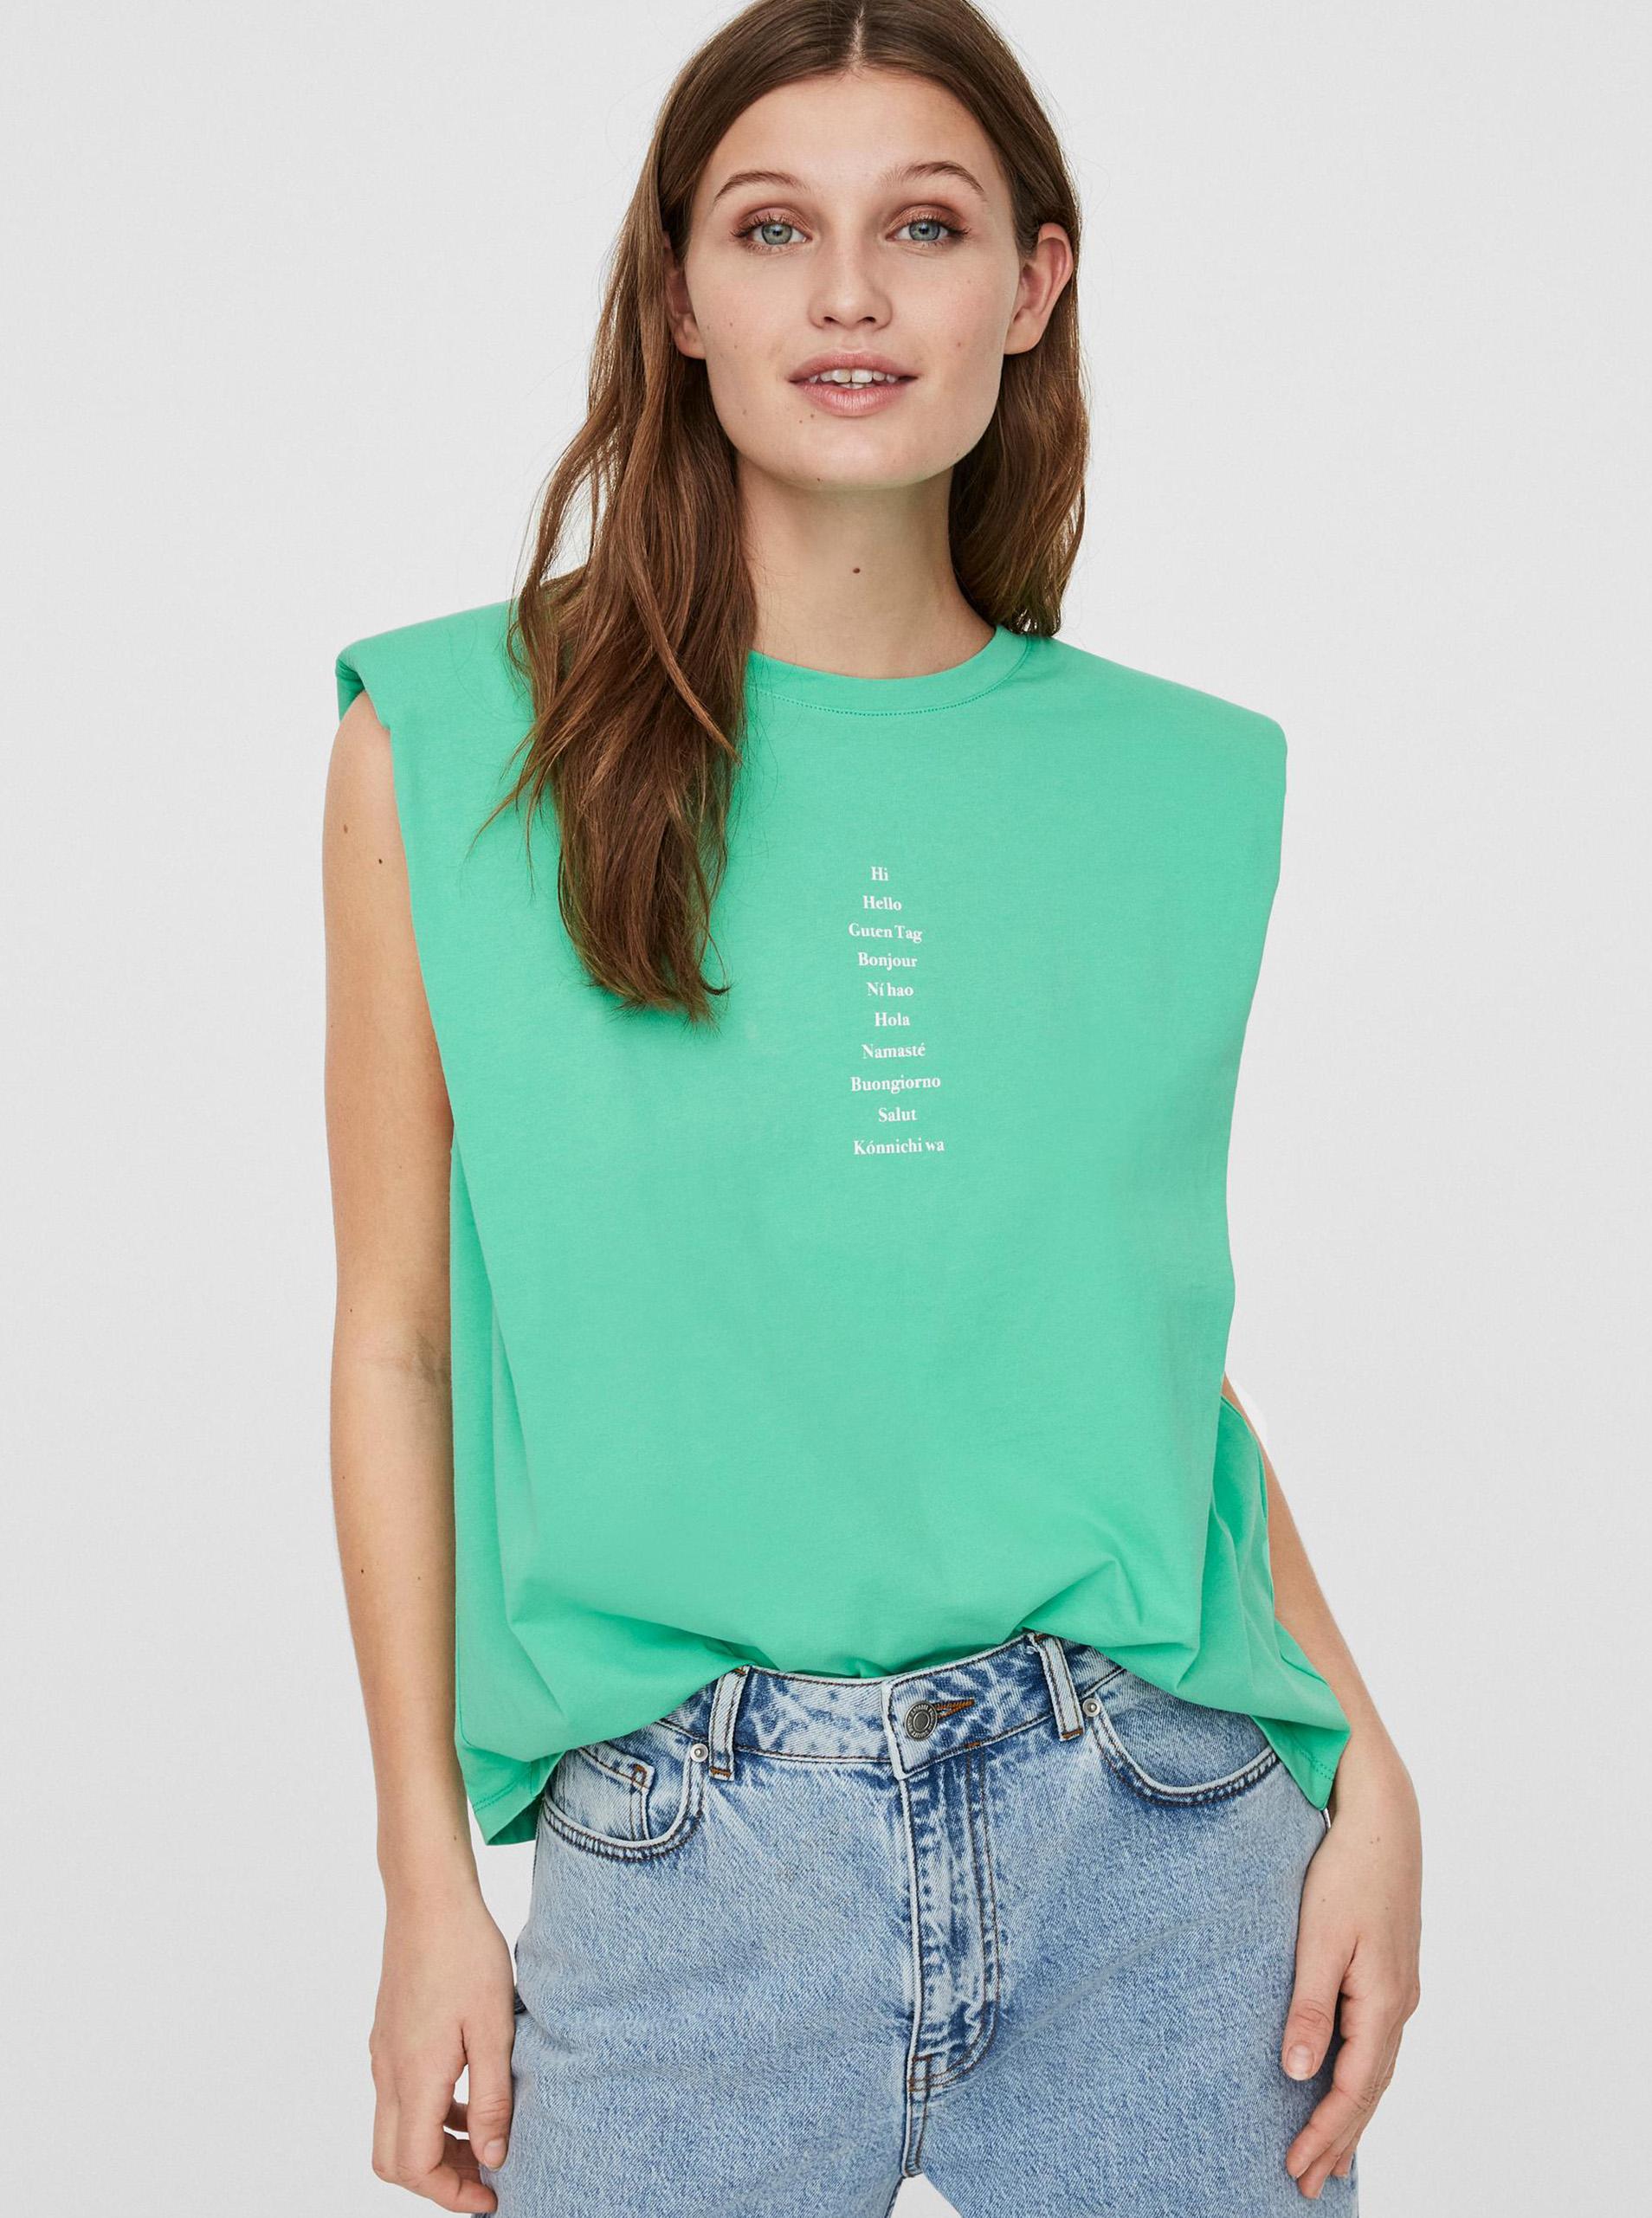 Vero Moda zelené tričko Hollie - L